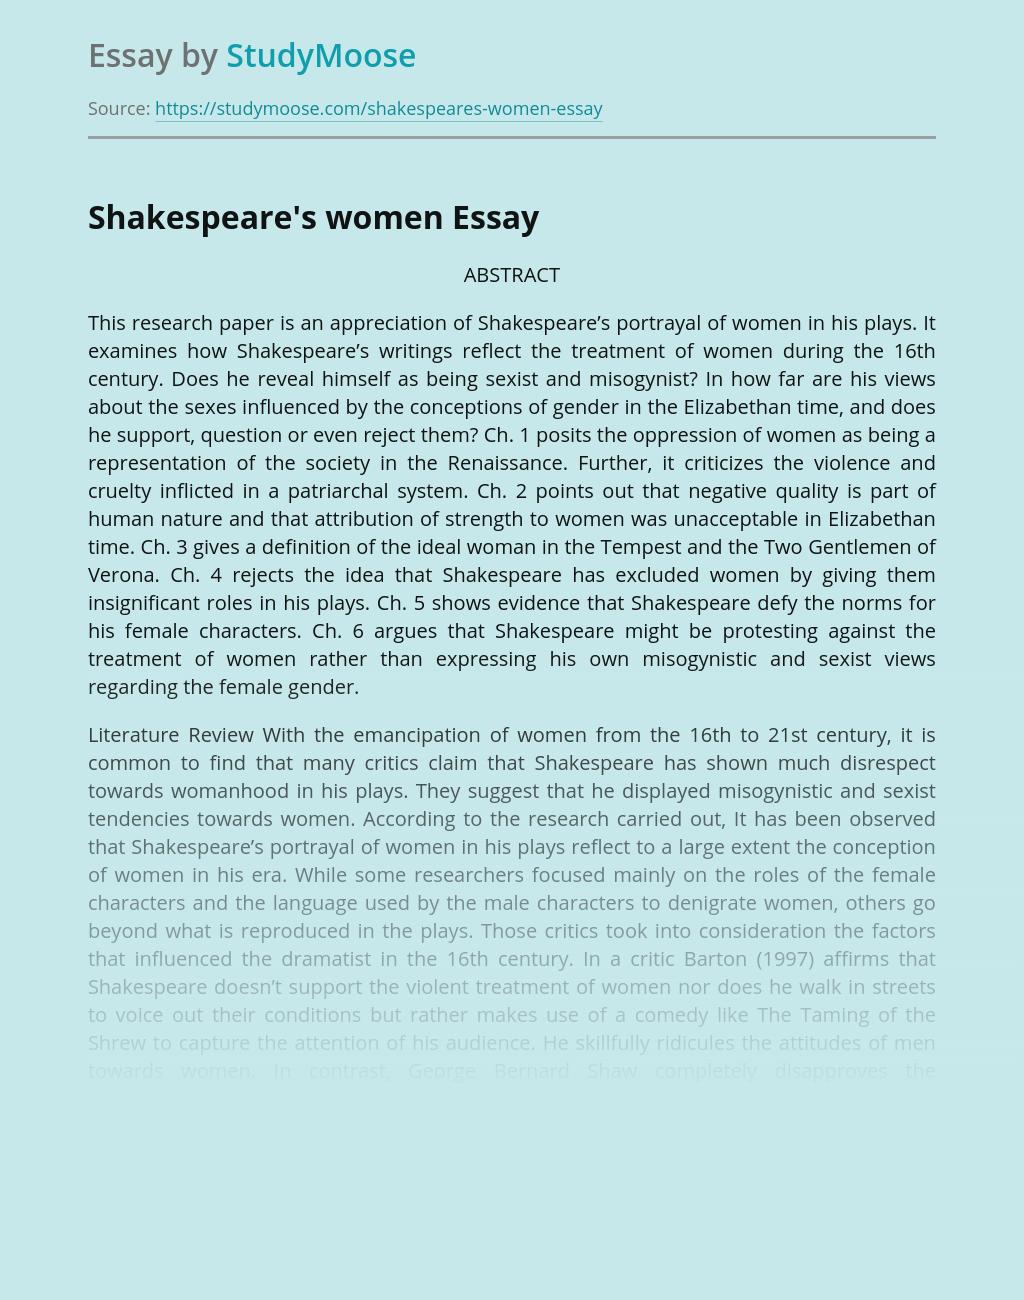 Shakespeare's women